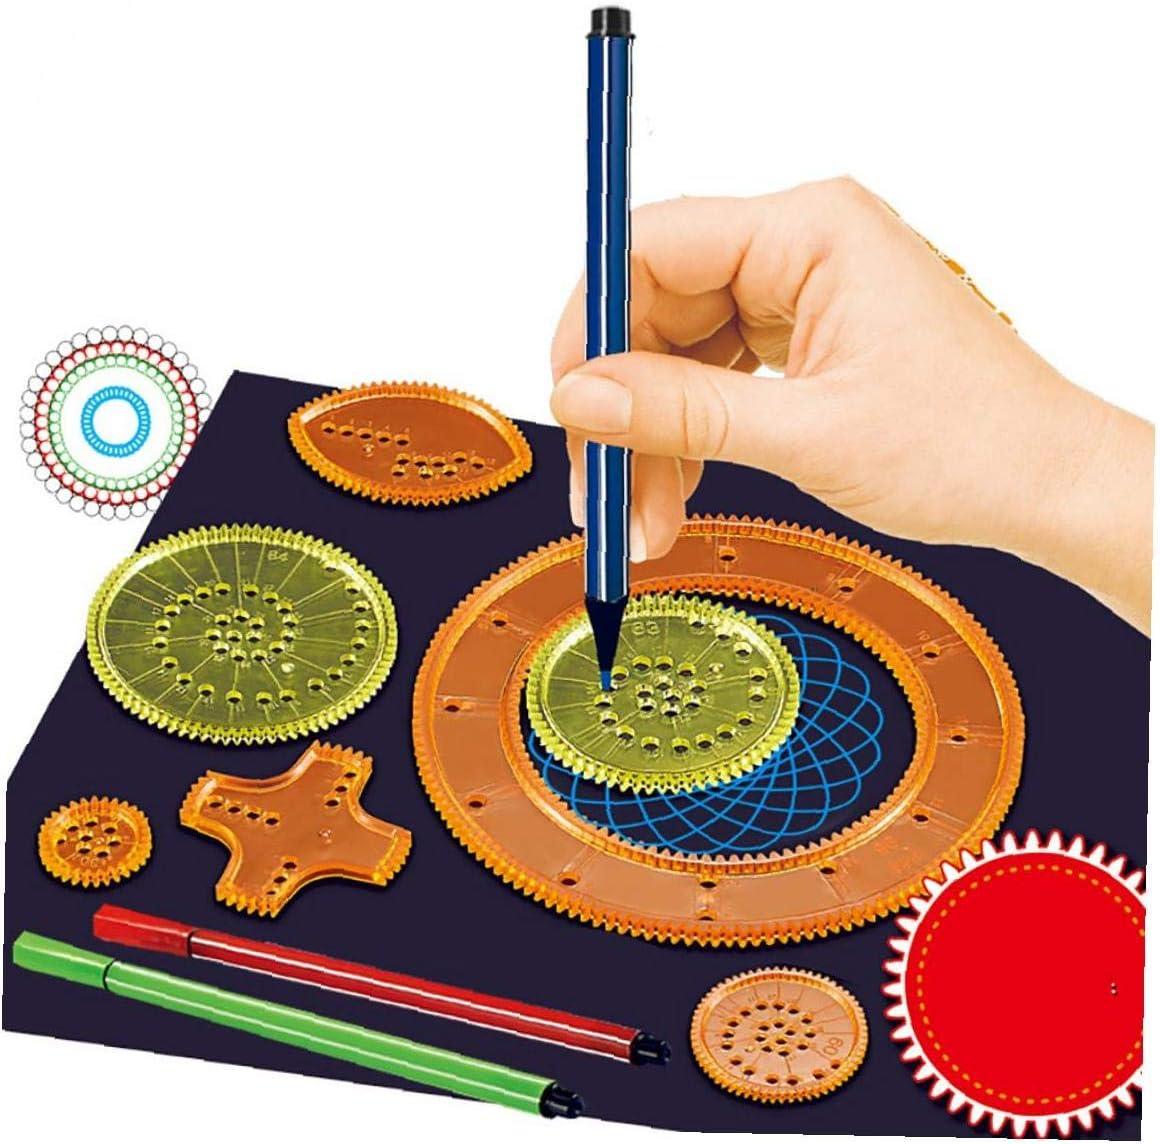 Adore store Pintura 1 Juego Reglas Las Reglas Las Plantillas de Dibujo de Herramientas Dibujo Dibujo Plantillas de Escritorio para ni/ños Mayores de 8 a/ños de Edad